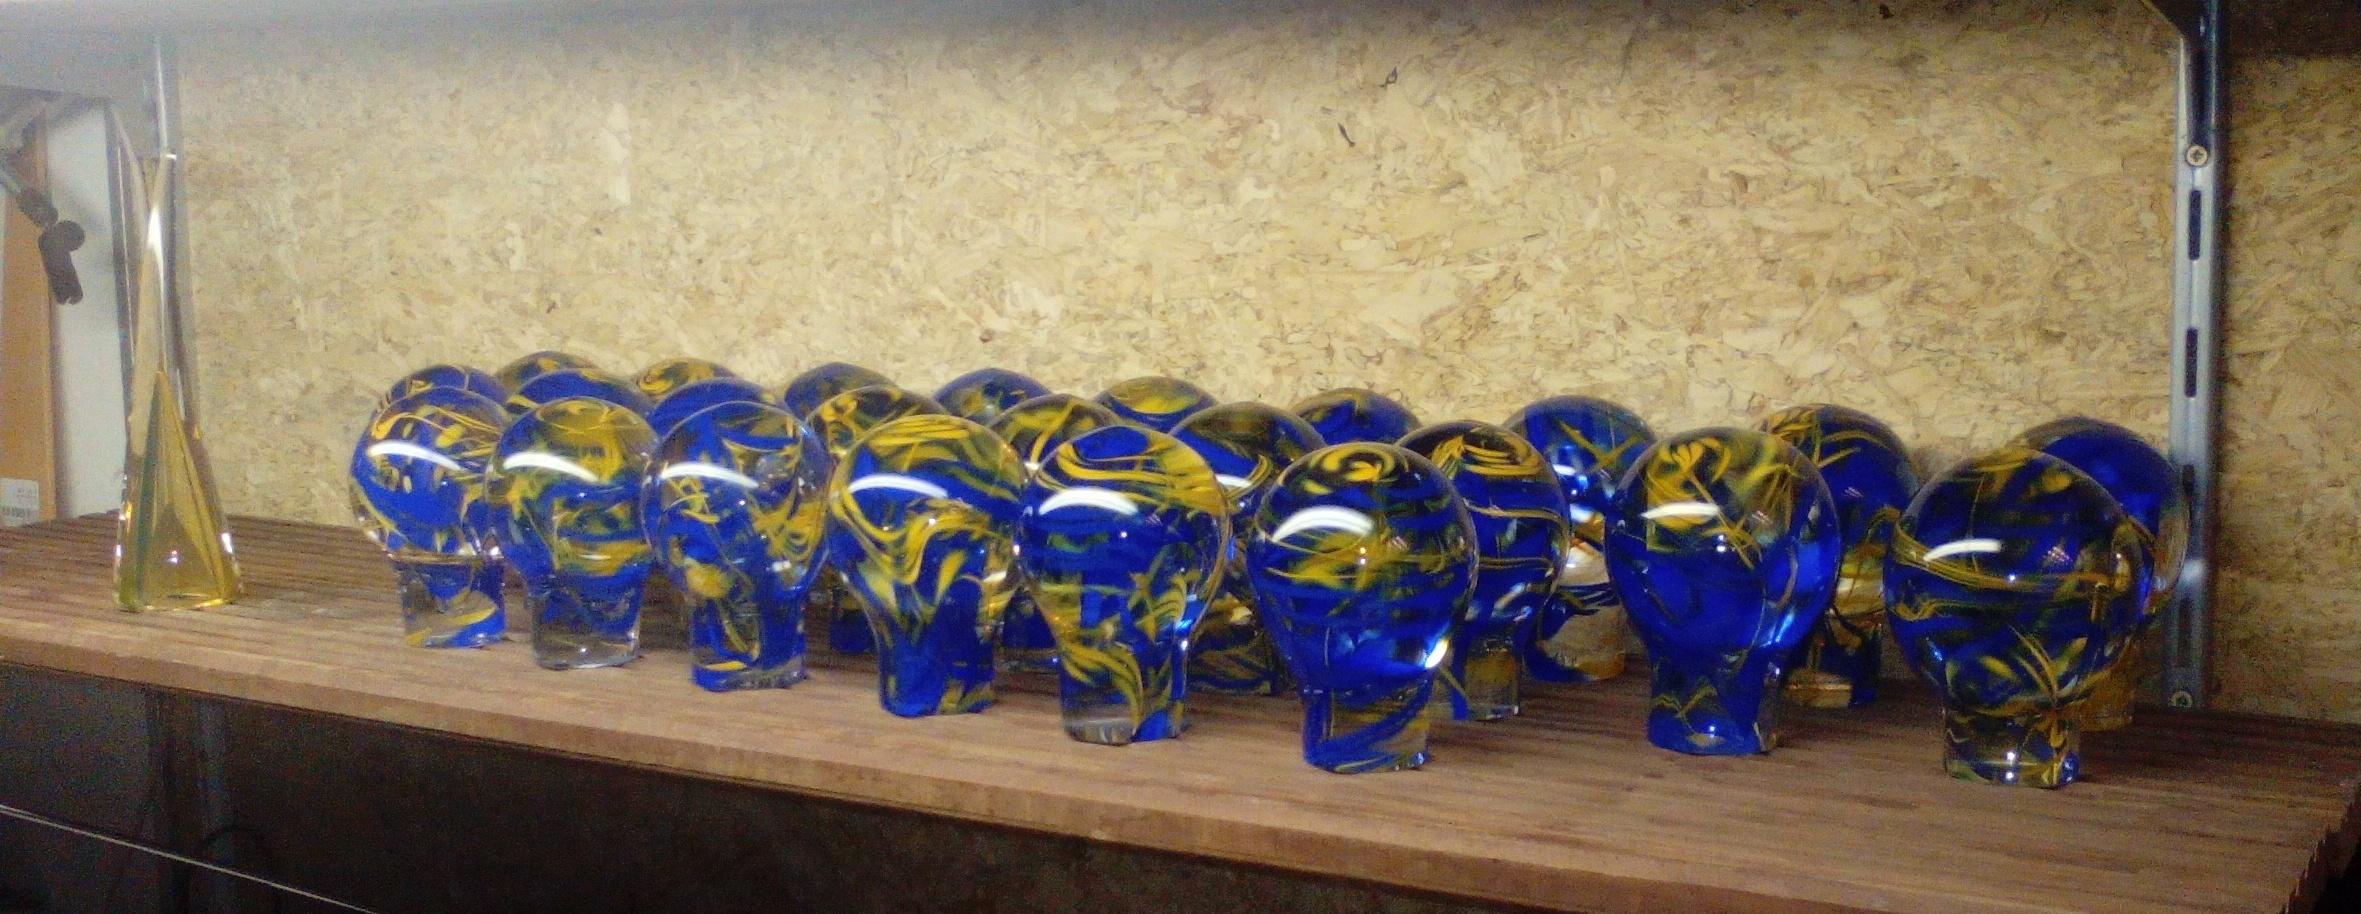 In opdracht gezandstraald voor Kristal-Glas Leerdam